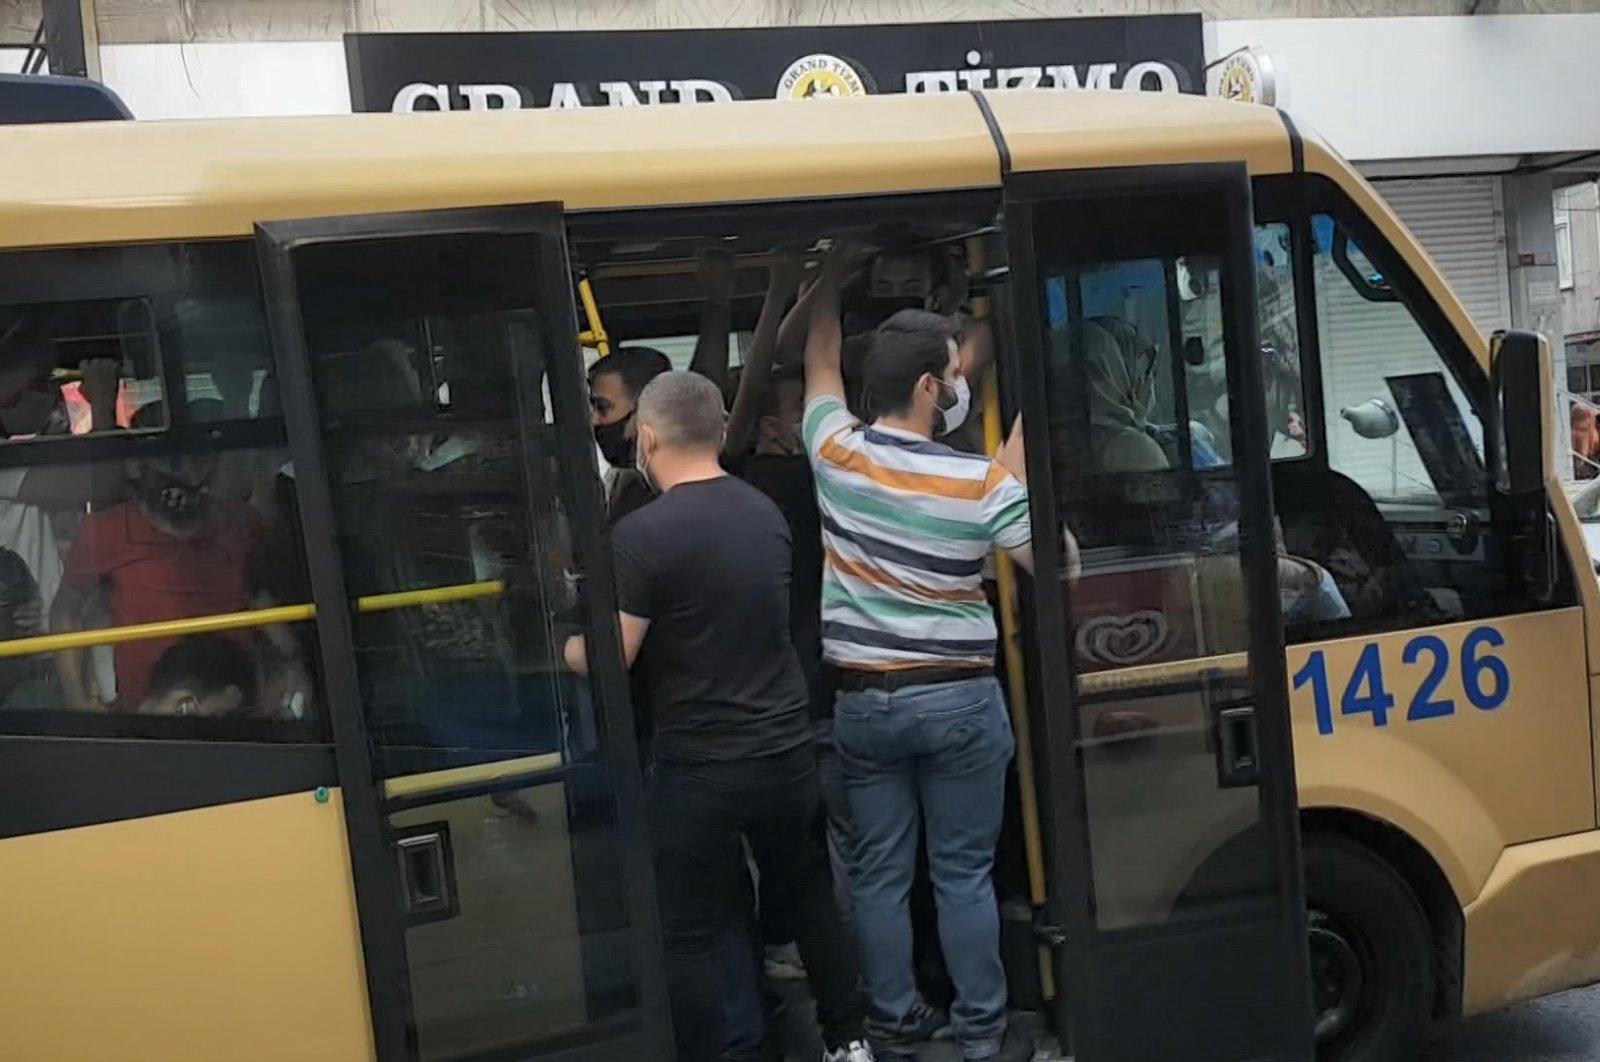 People travel in a packed minibus in Küçükçekmece district, in Istanbul, Turkey, July 8, 2020. (DHA Photo)